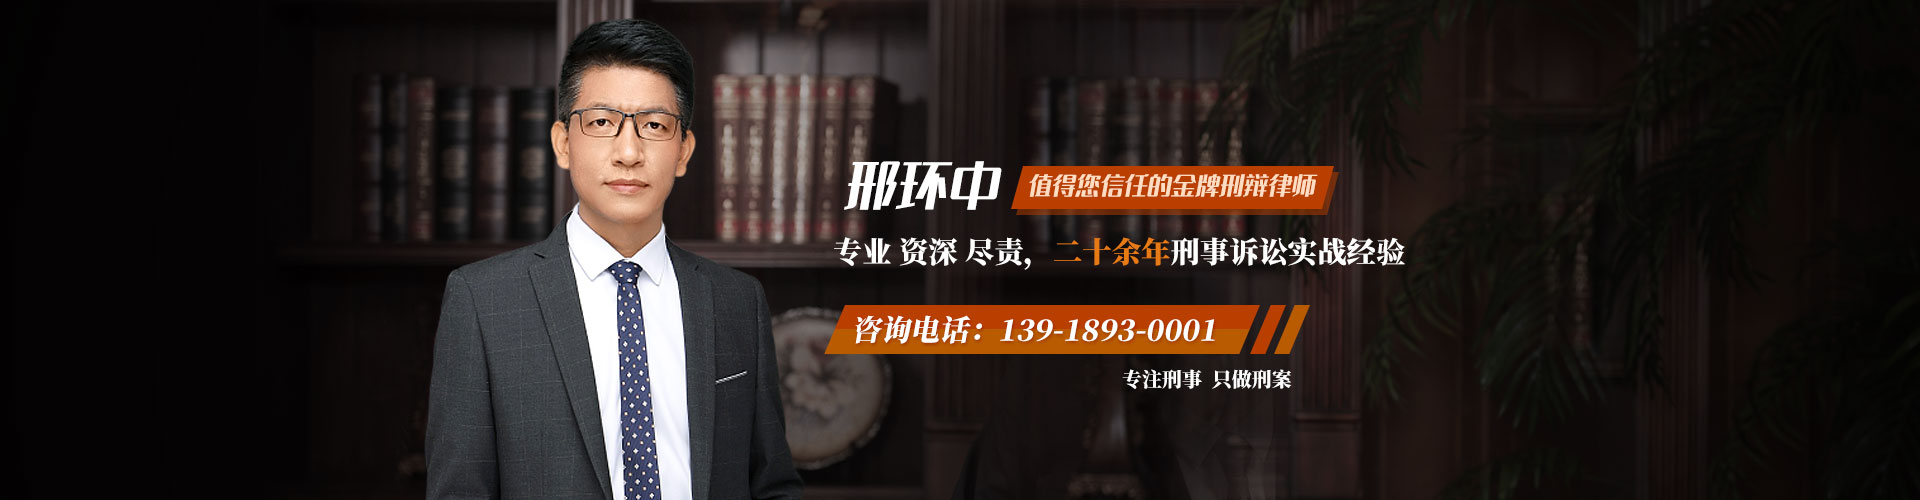 邢环中律师